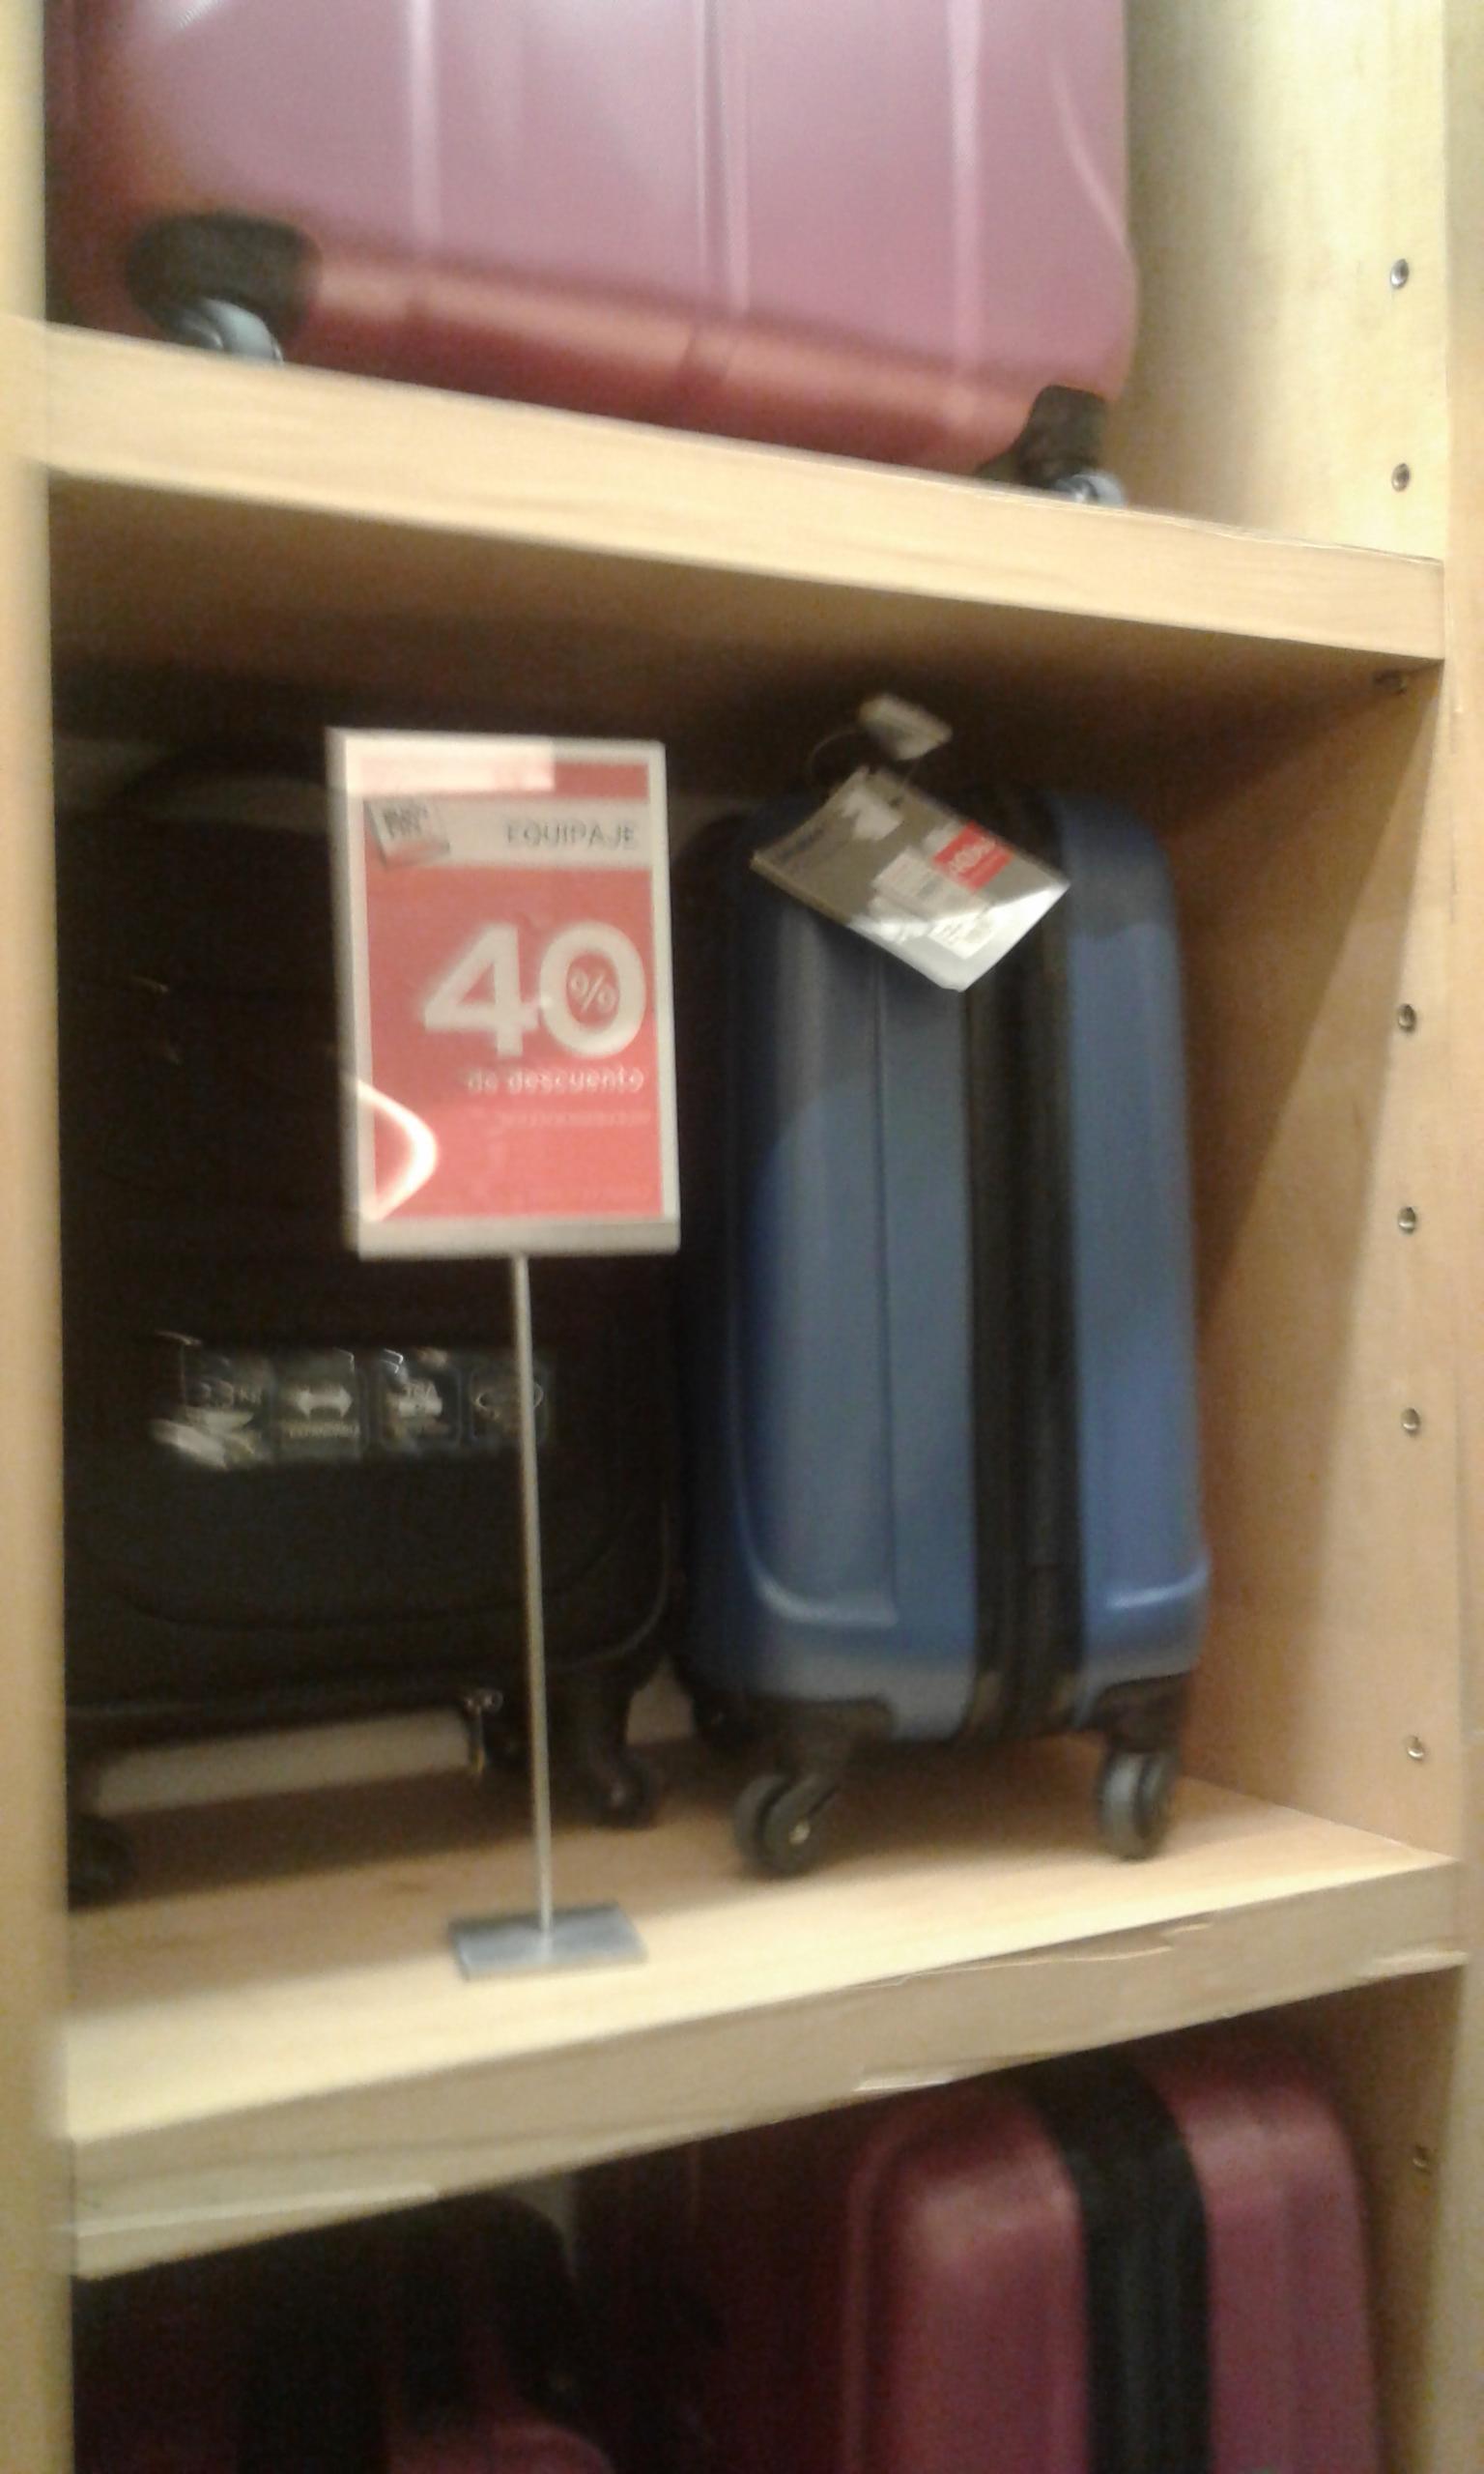 Palacio de Hierro: 40% en TODAS LAS maletas